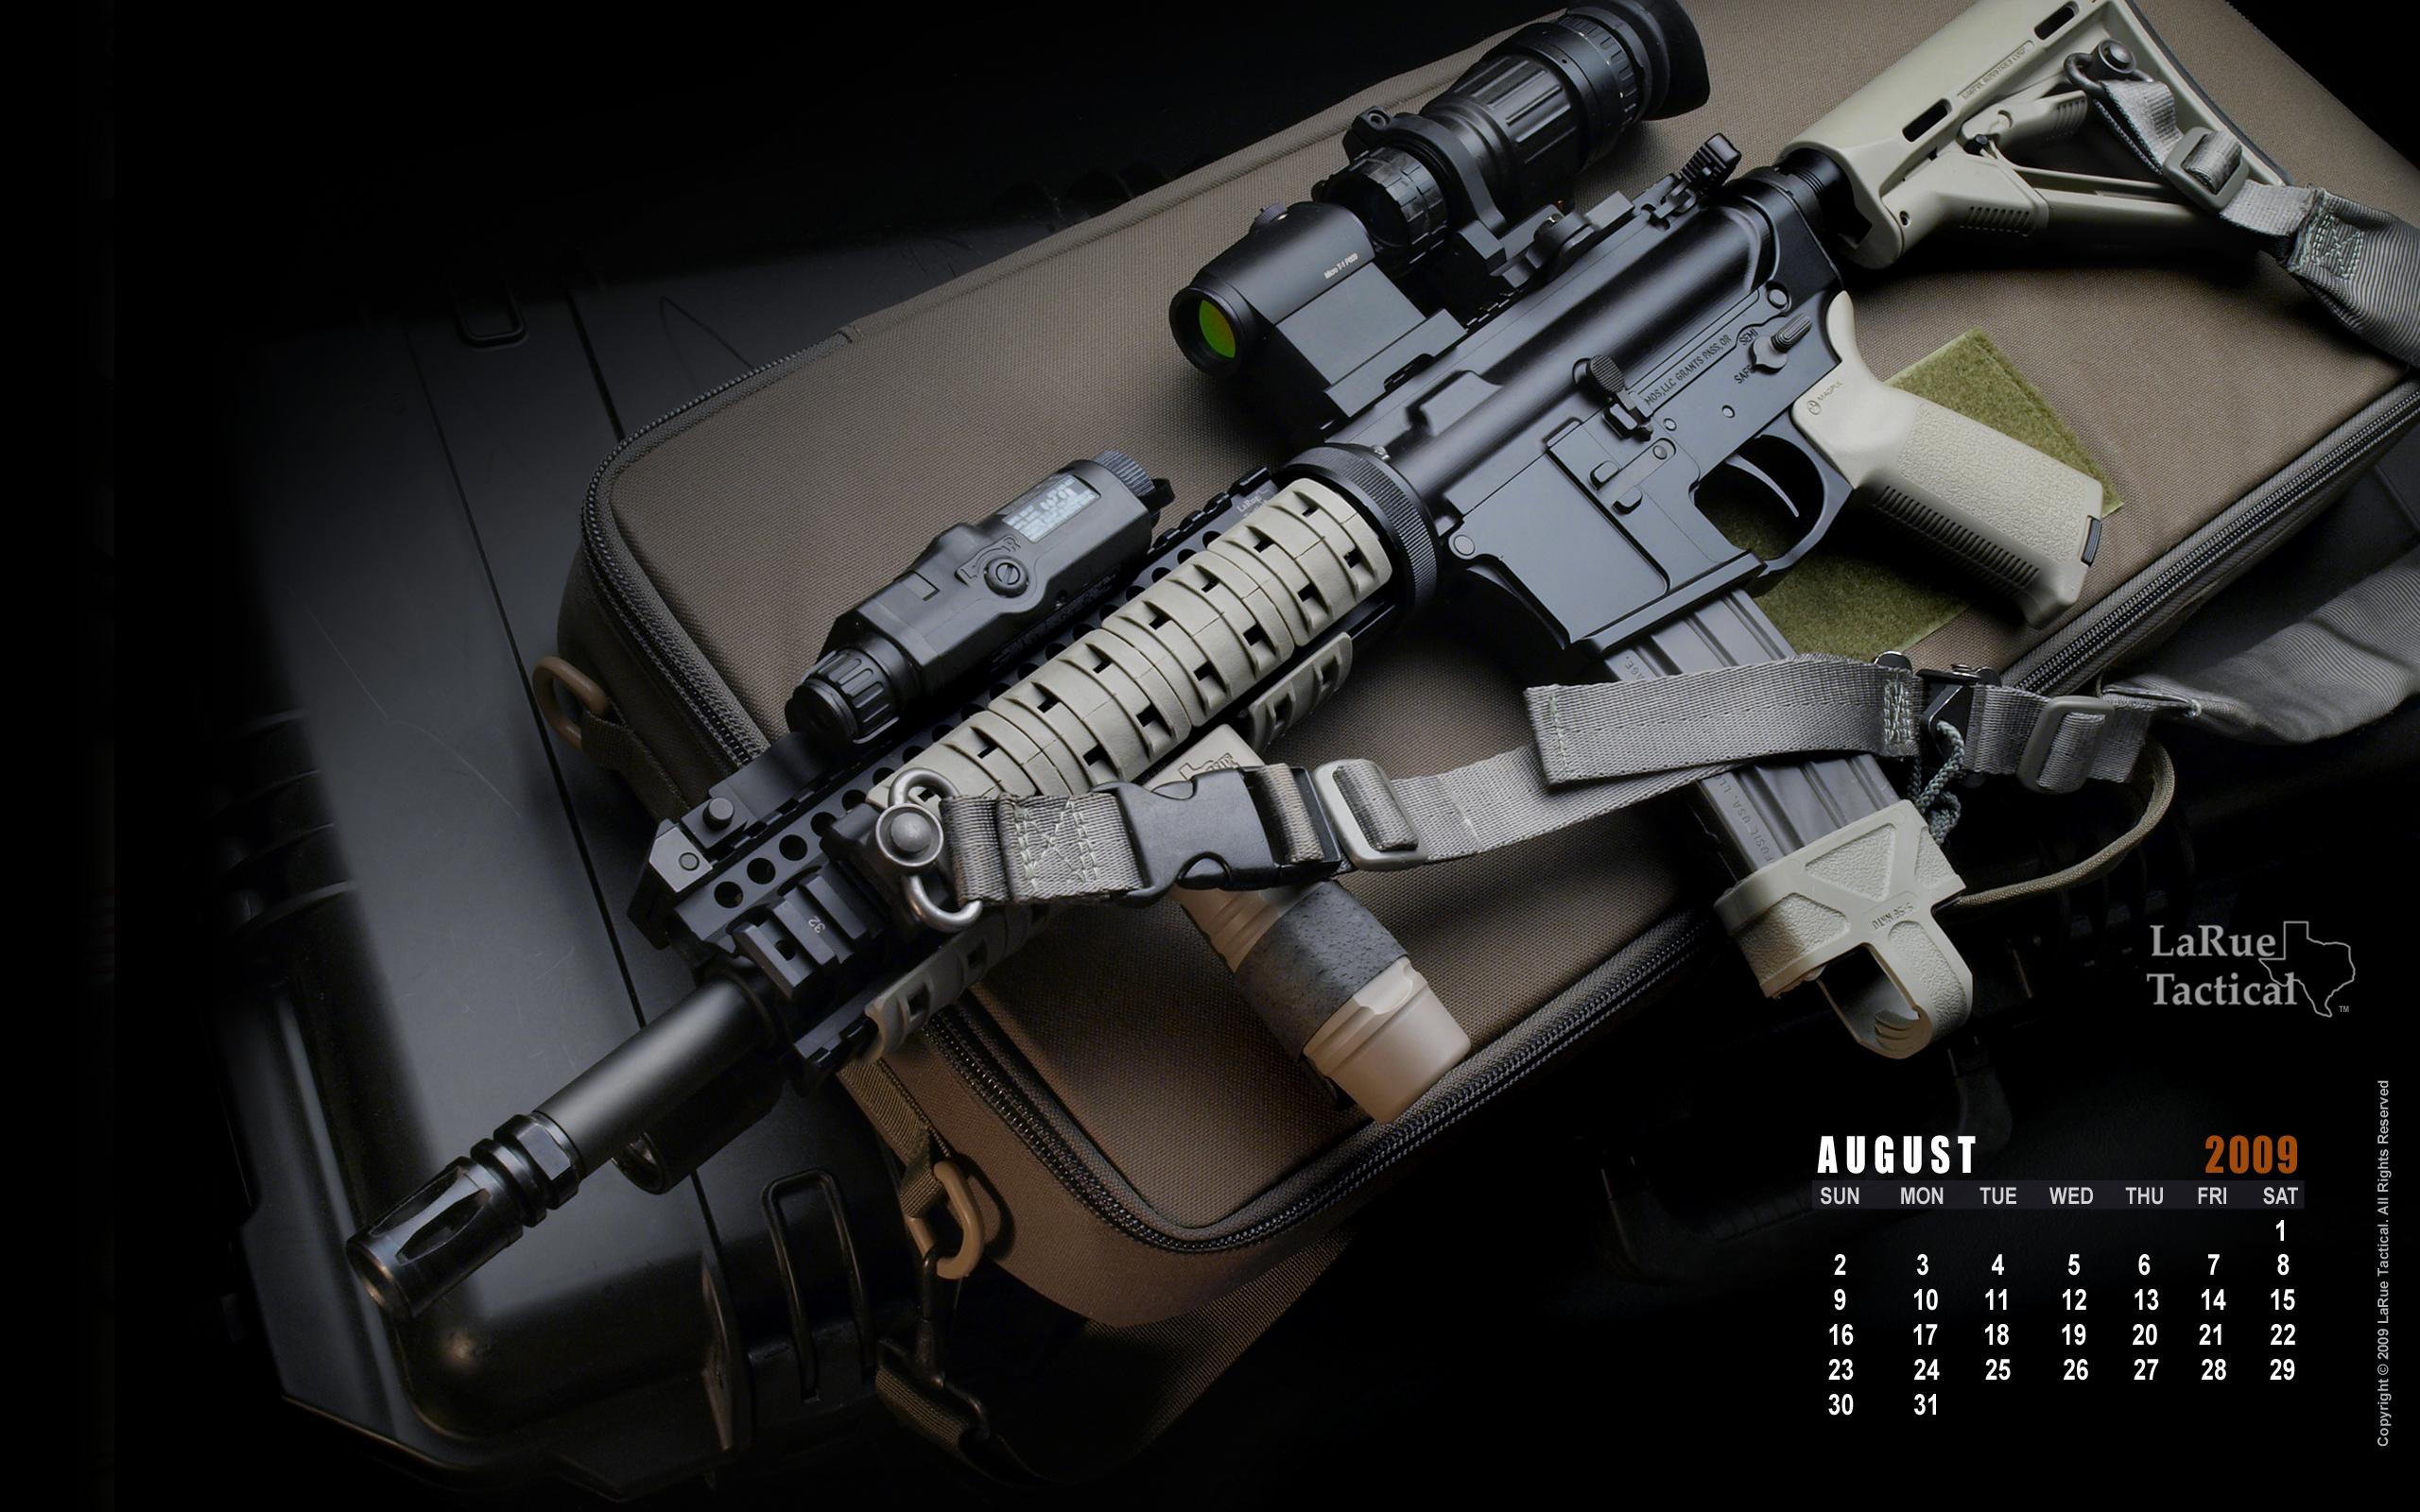 Guns Weapons Wallpaper 2560x1600 Guns Weapons Calendar M4 2560x1600